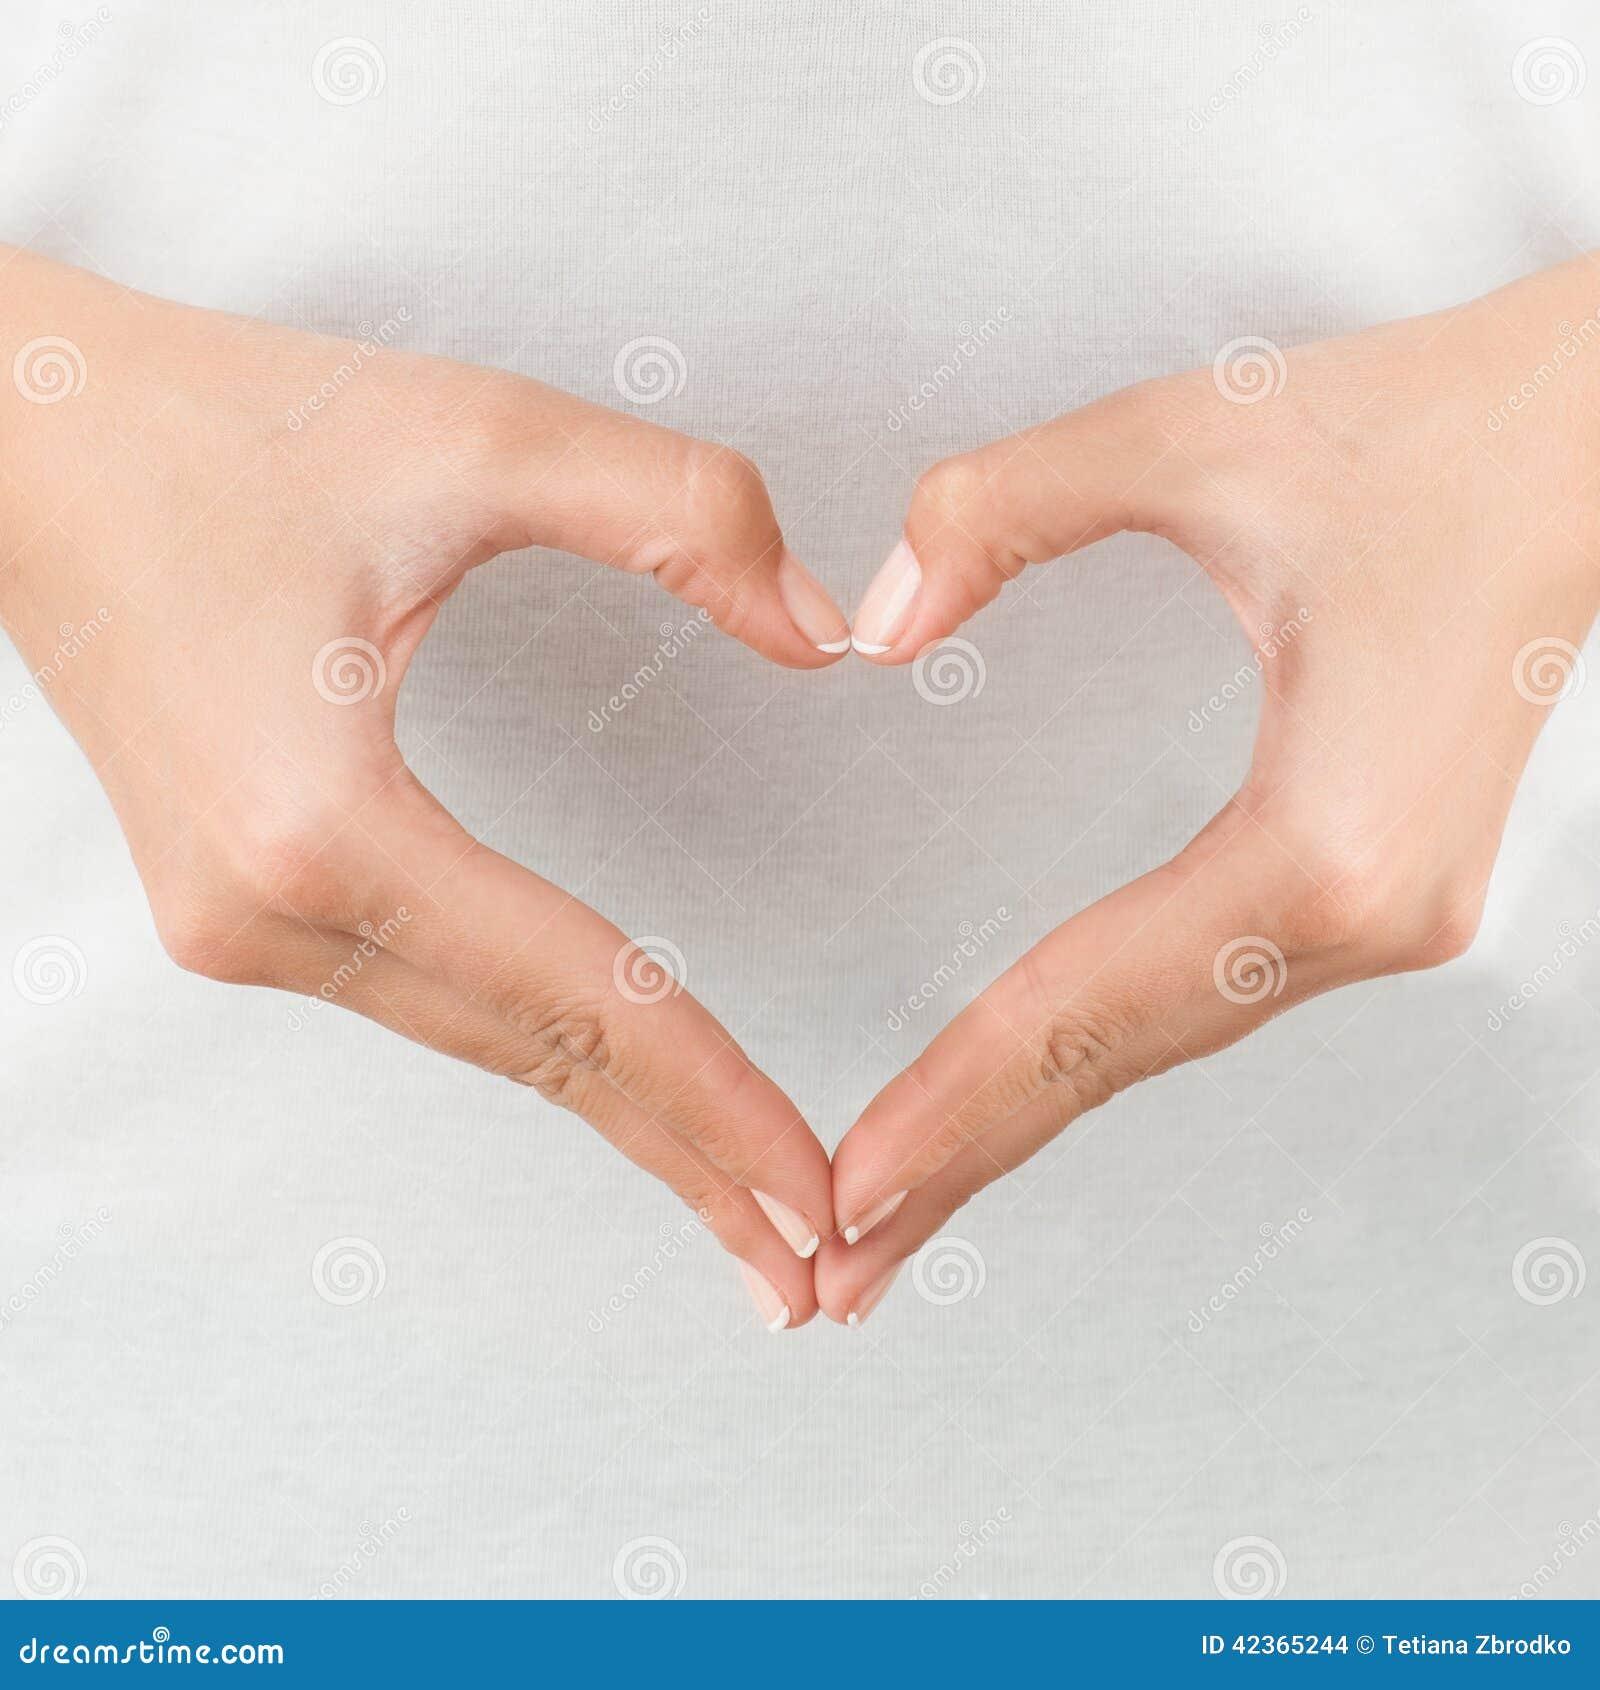 Heart shaped hands stock photo. Image of harmony, healthy ...